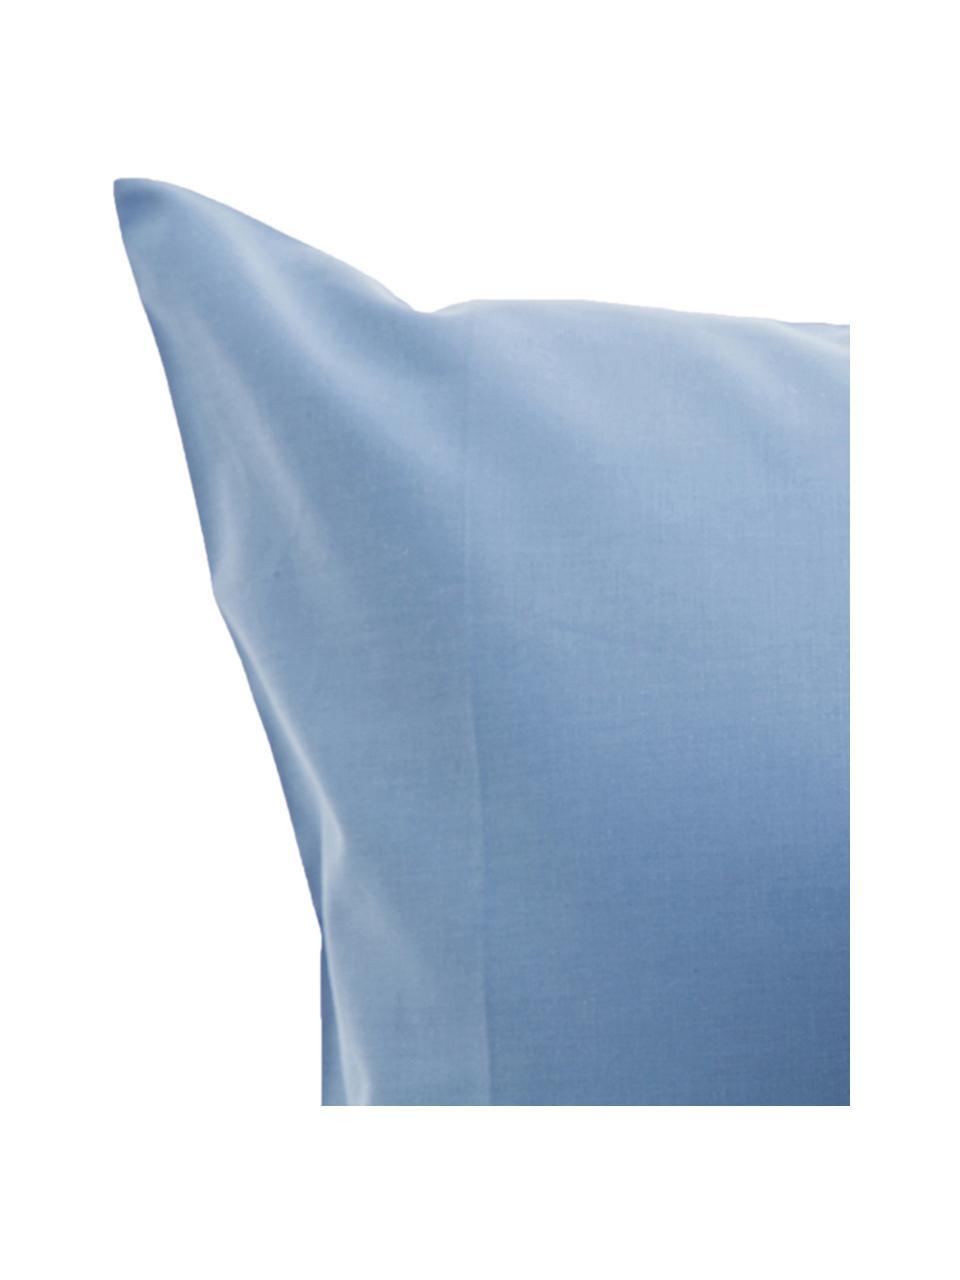 Set lenzuola azzurro in cotone ranforce Lenare, Fronte e retro: azzurro, 150 x 290 cm + 1 federa 50 x 80 cm